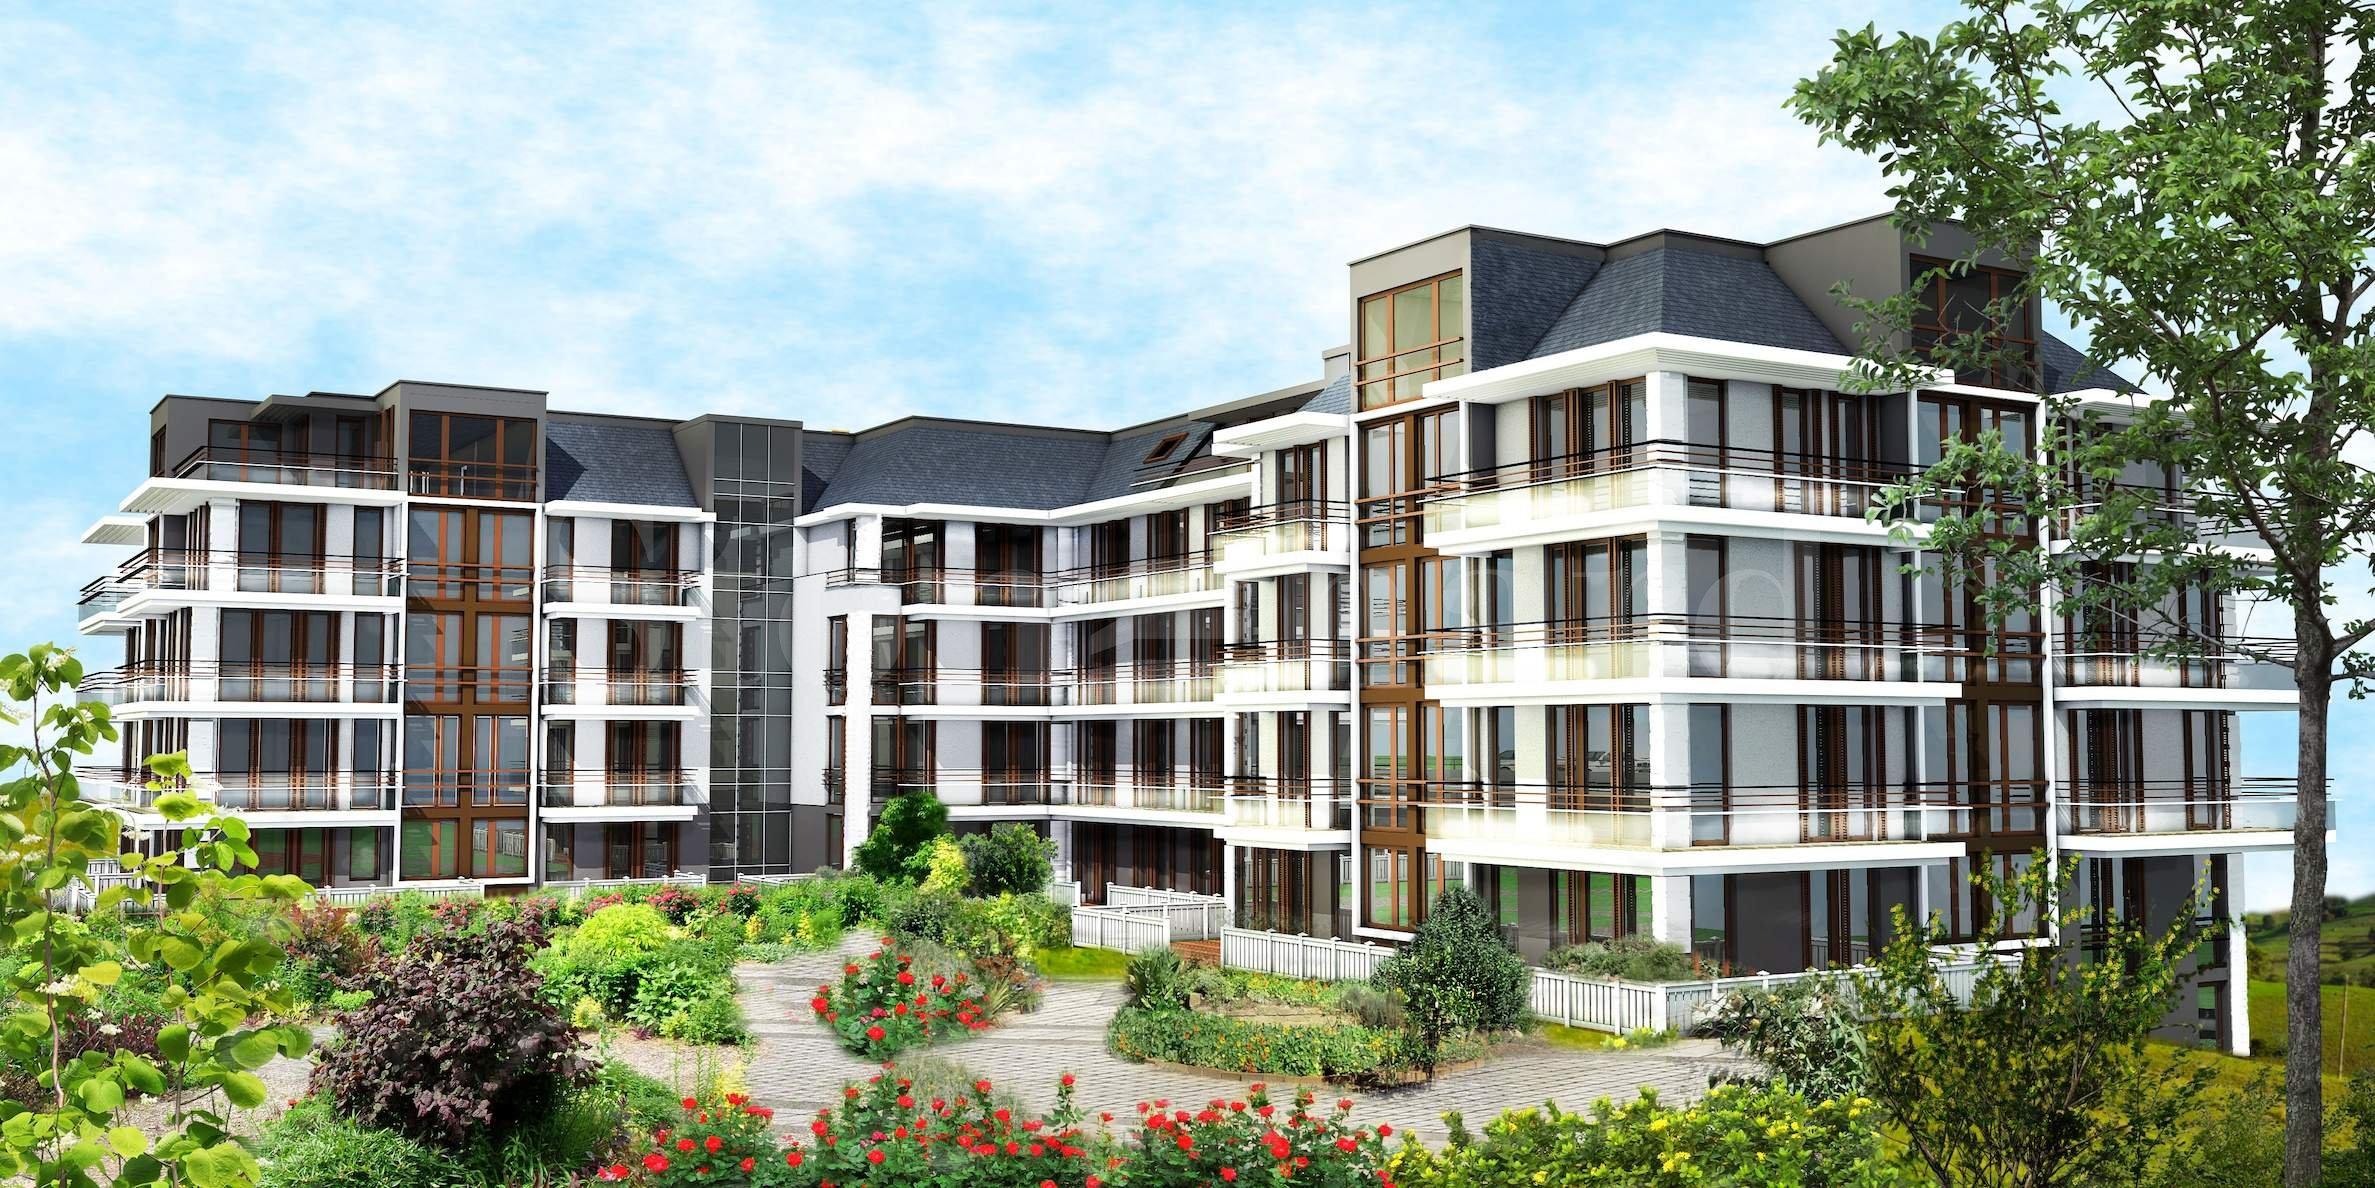 Елегантен нов комплекс от две сгради с апартаменти в кв. Драгалевци1 - Stonehard